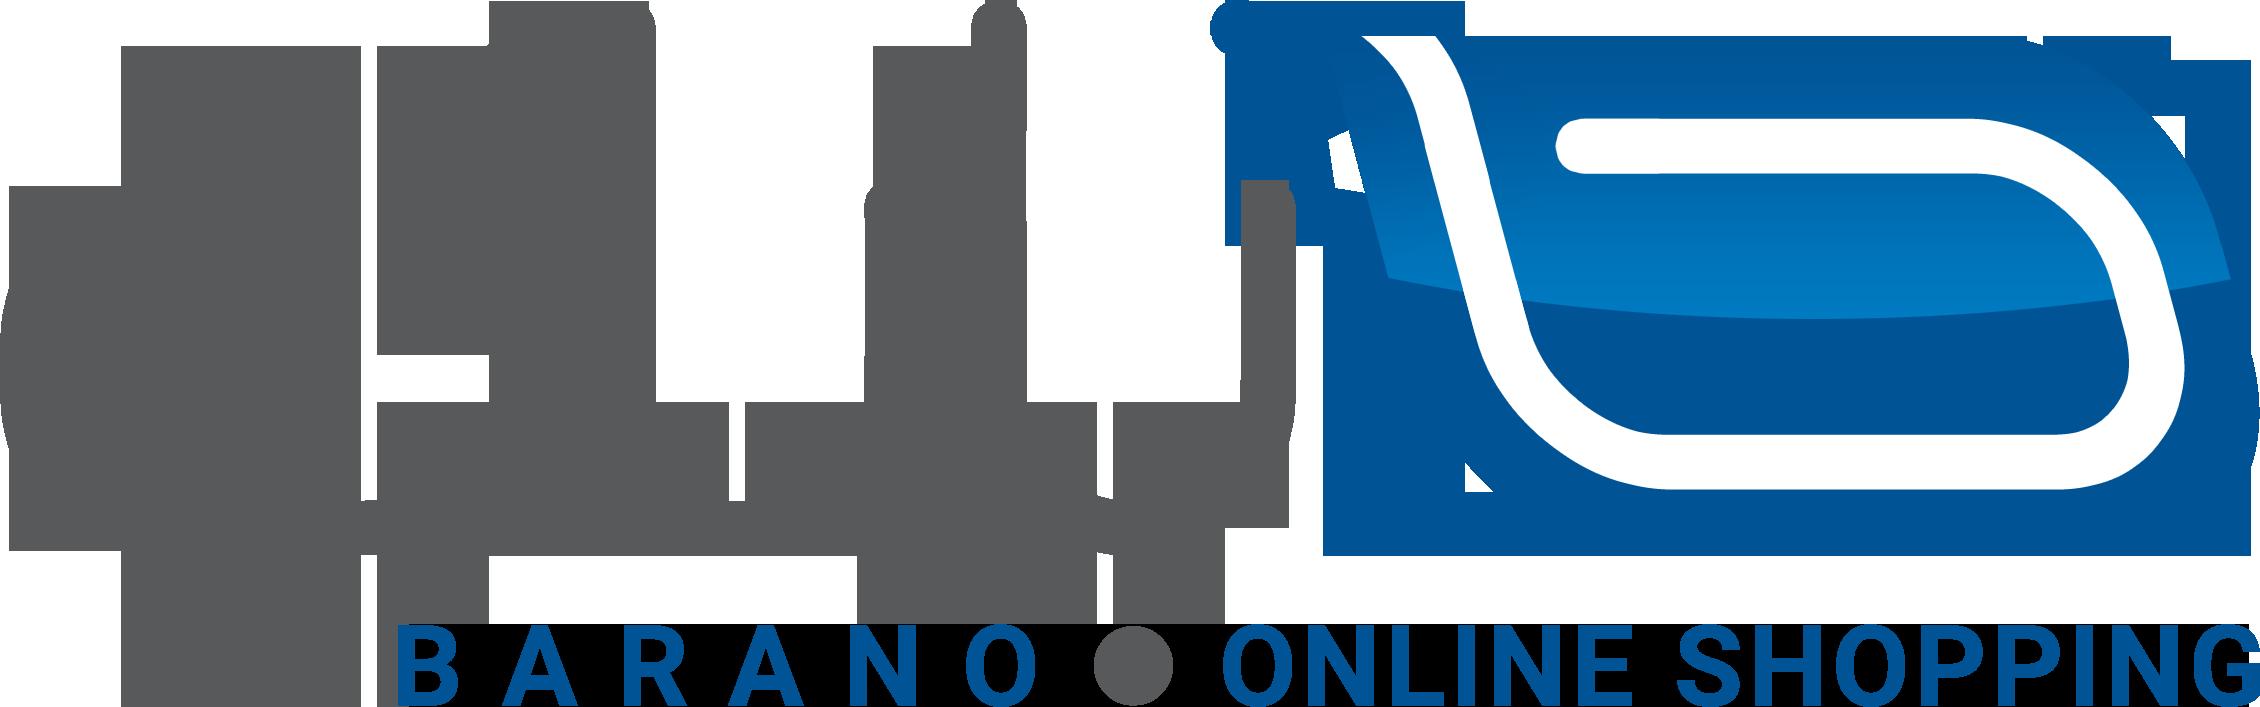 فروشگاه اینترنتی بارانو | Barano online shop